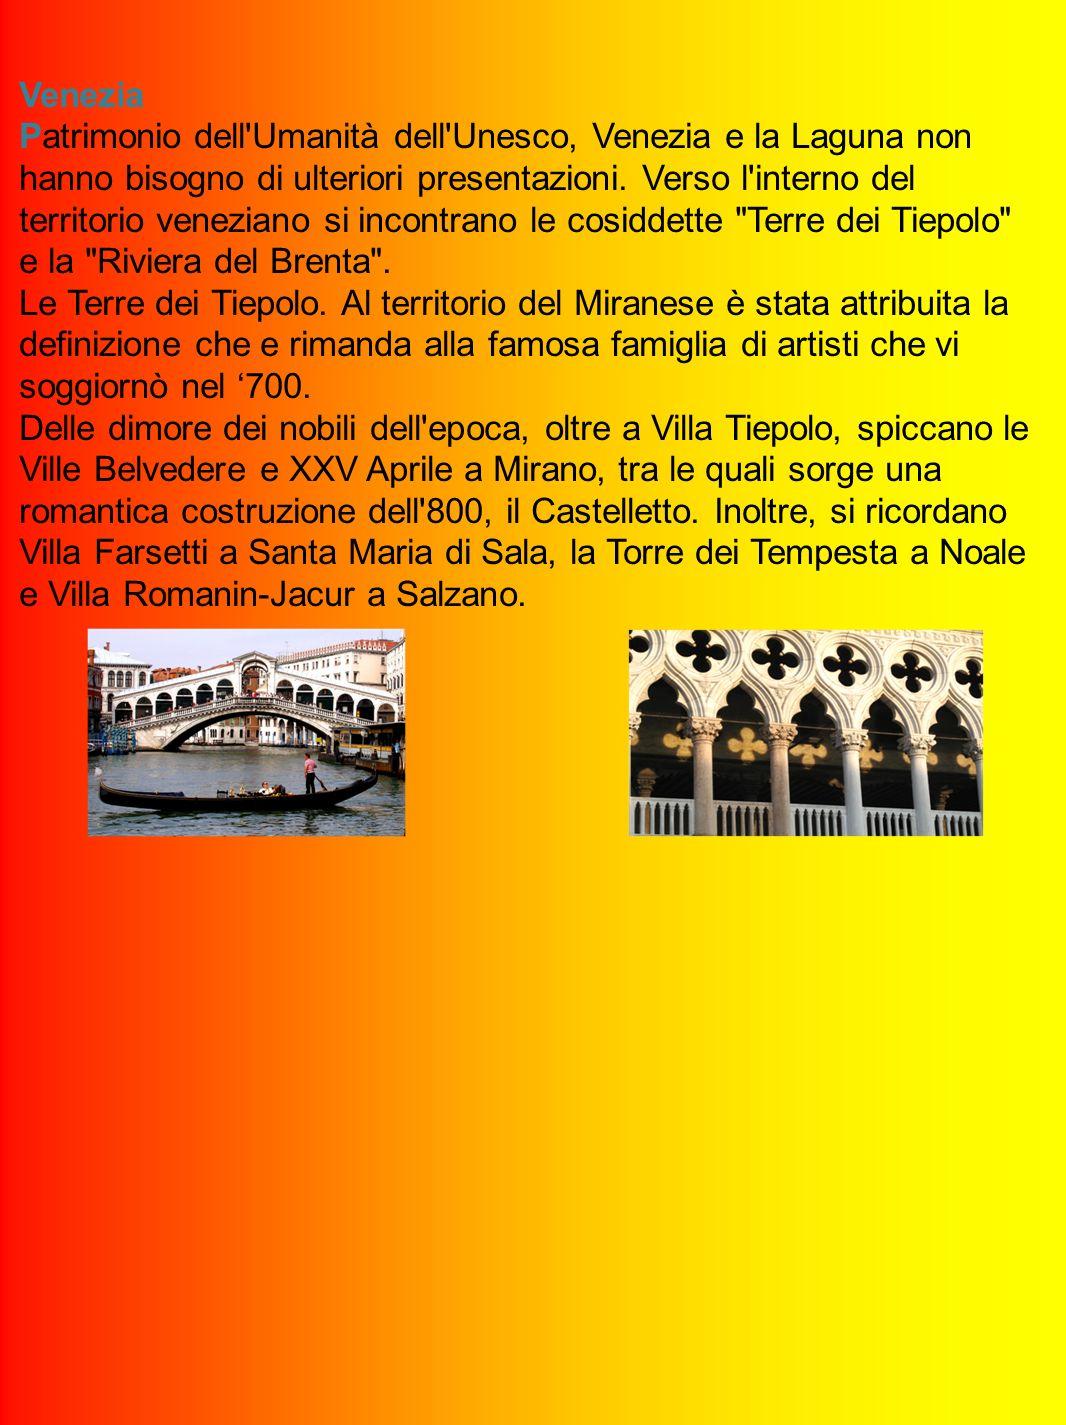 Venezia Patrimonio dell Umanità dell Unesco, Venezia e la Laguna non hanno bisogno di ulteriori presentazioni.